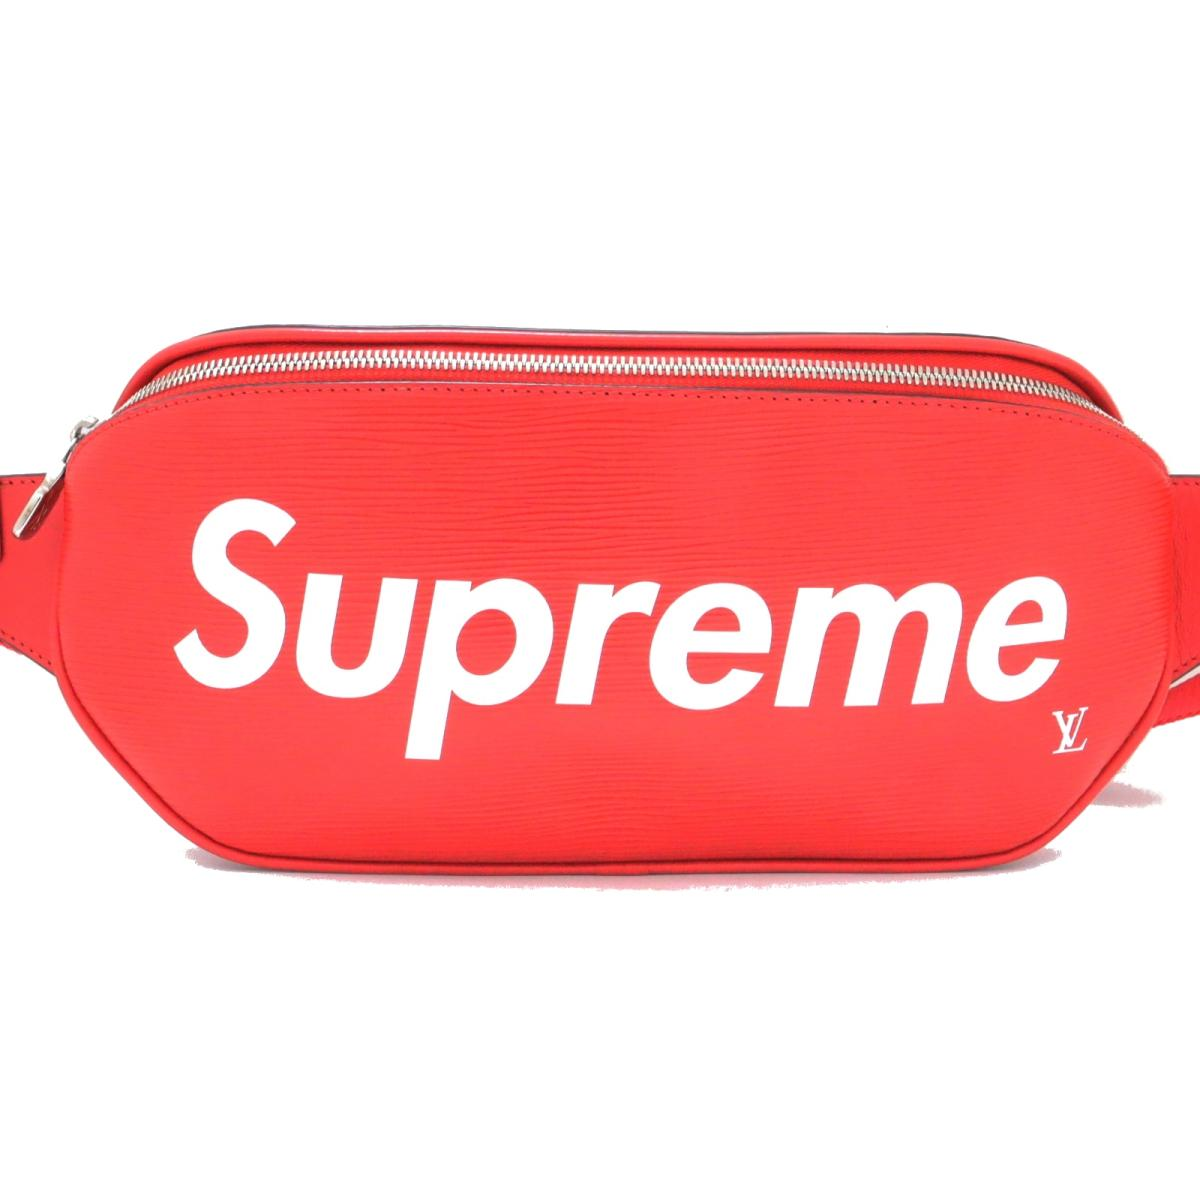 ルイヴィトン バムバッグ Supremeコラボ 2017AW限定 ウエストバッグ バッグ メンズ レディース エピ レッド (M53418) 【中古】 | ブランド